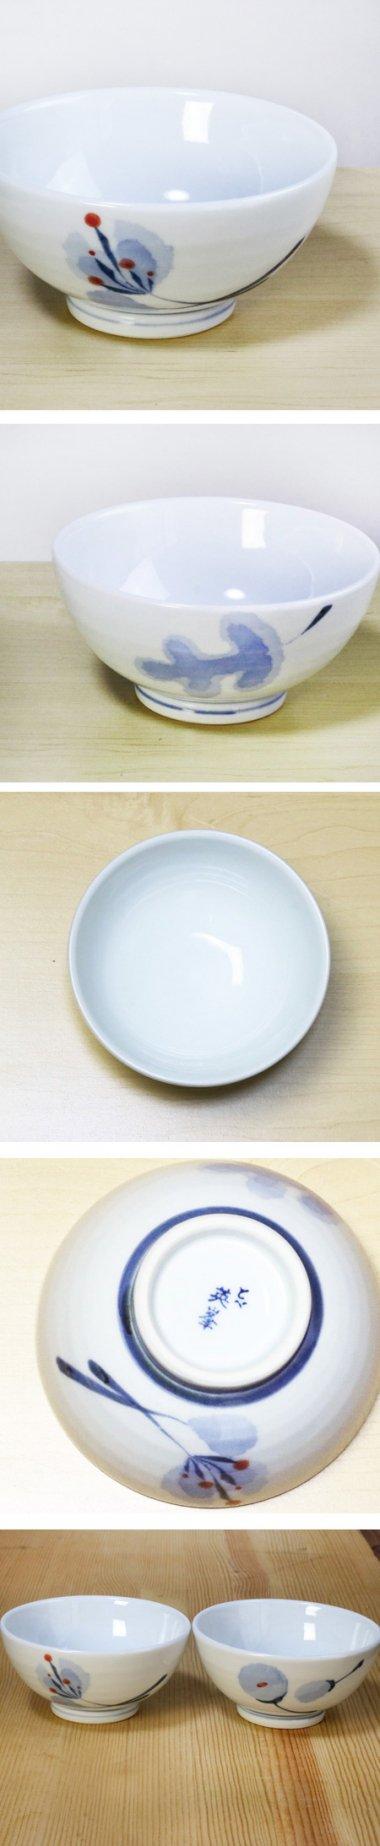 英峯窯,径約12.5cm×高約6cm,磁器